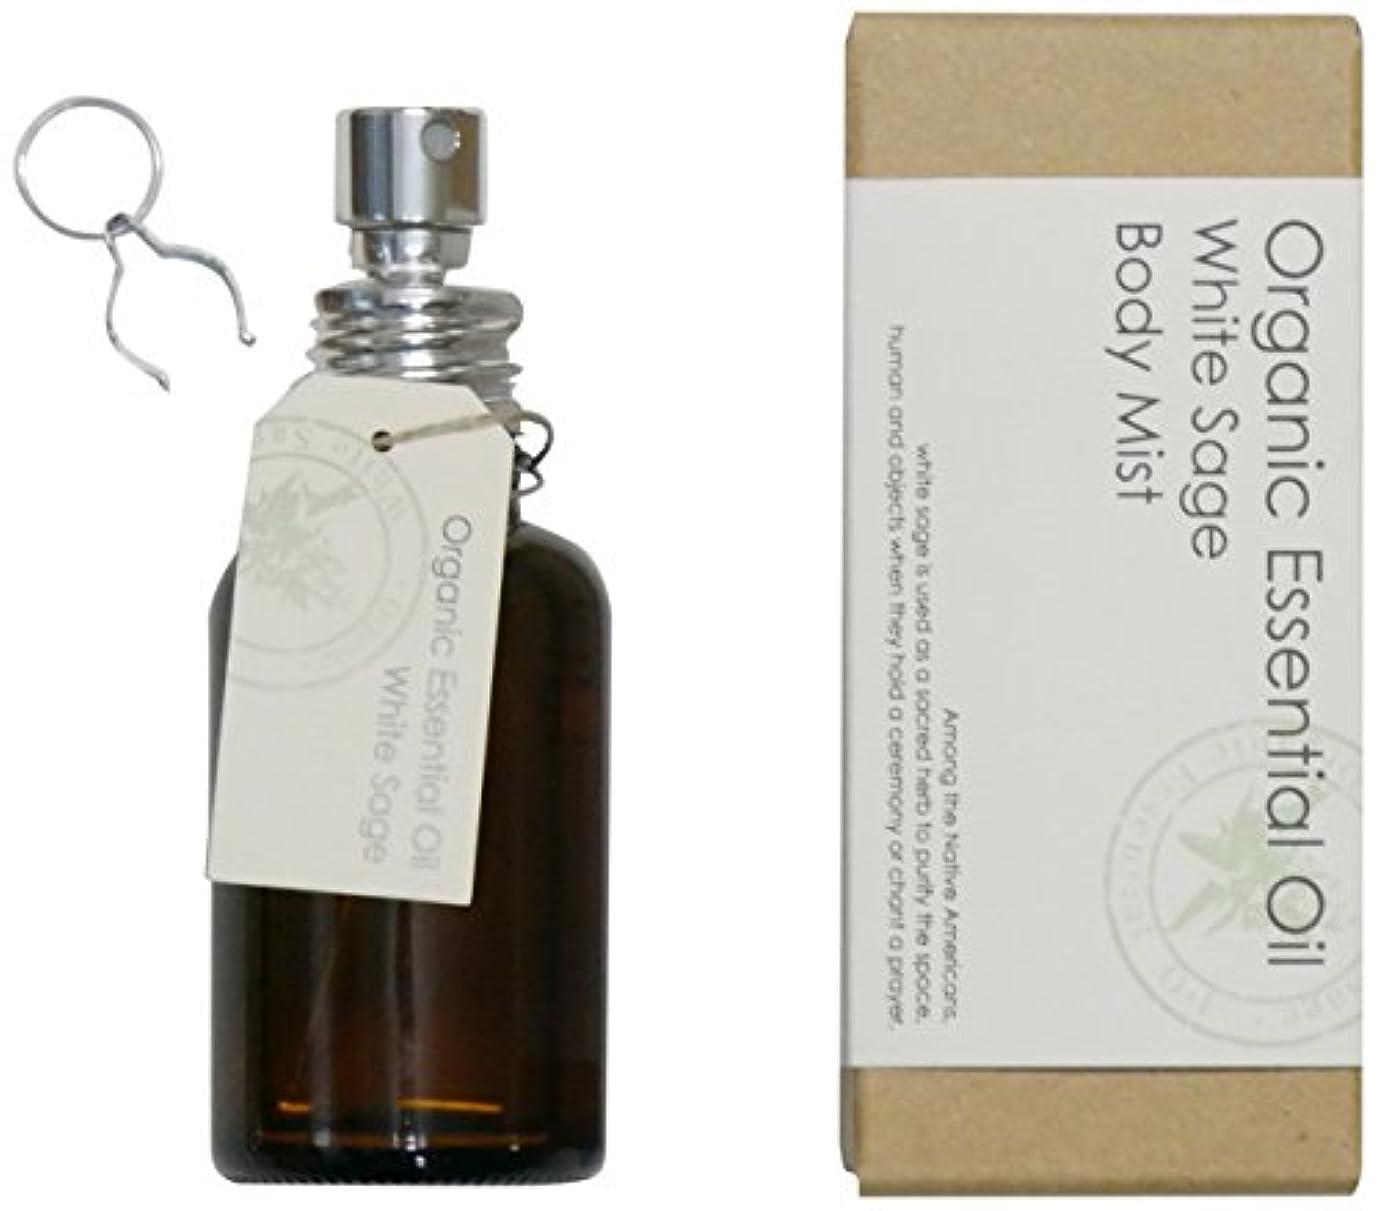 毛布毎日徹底アロマレコルト ボディミスト ホワイトセージ 【White Sage】オーガニック エッセンシャルオイル organic essential oil natural body mist arome recolte